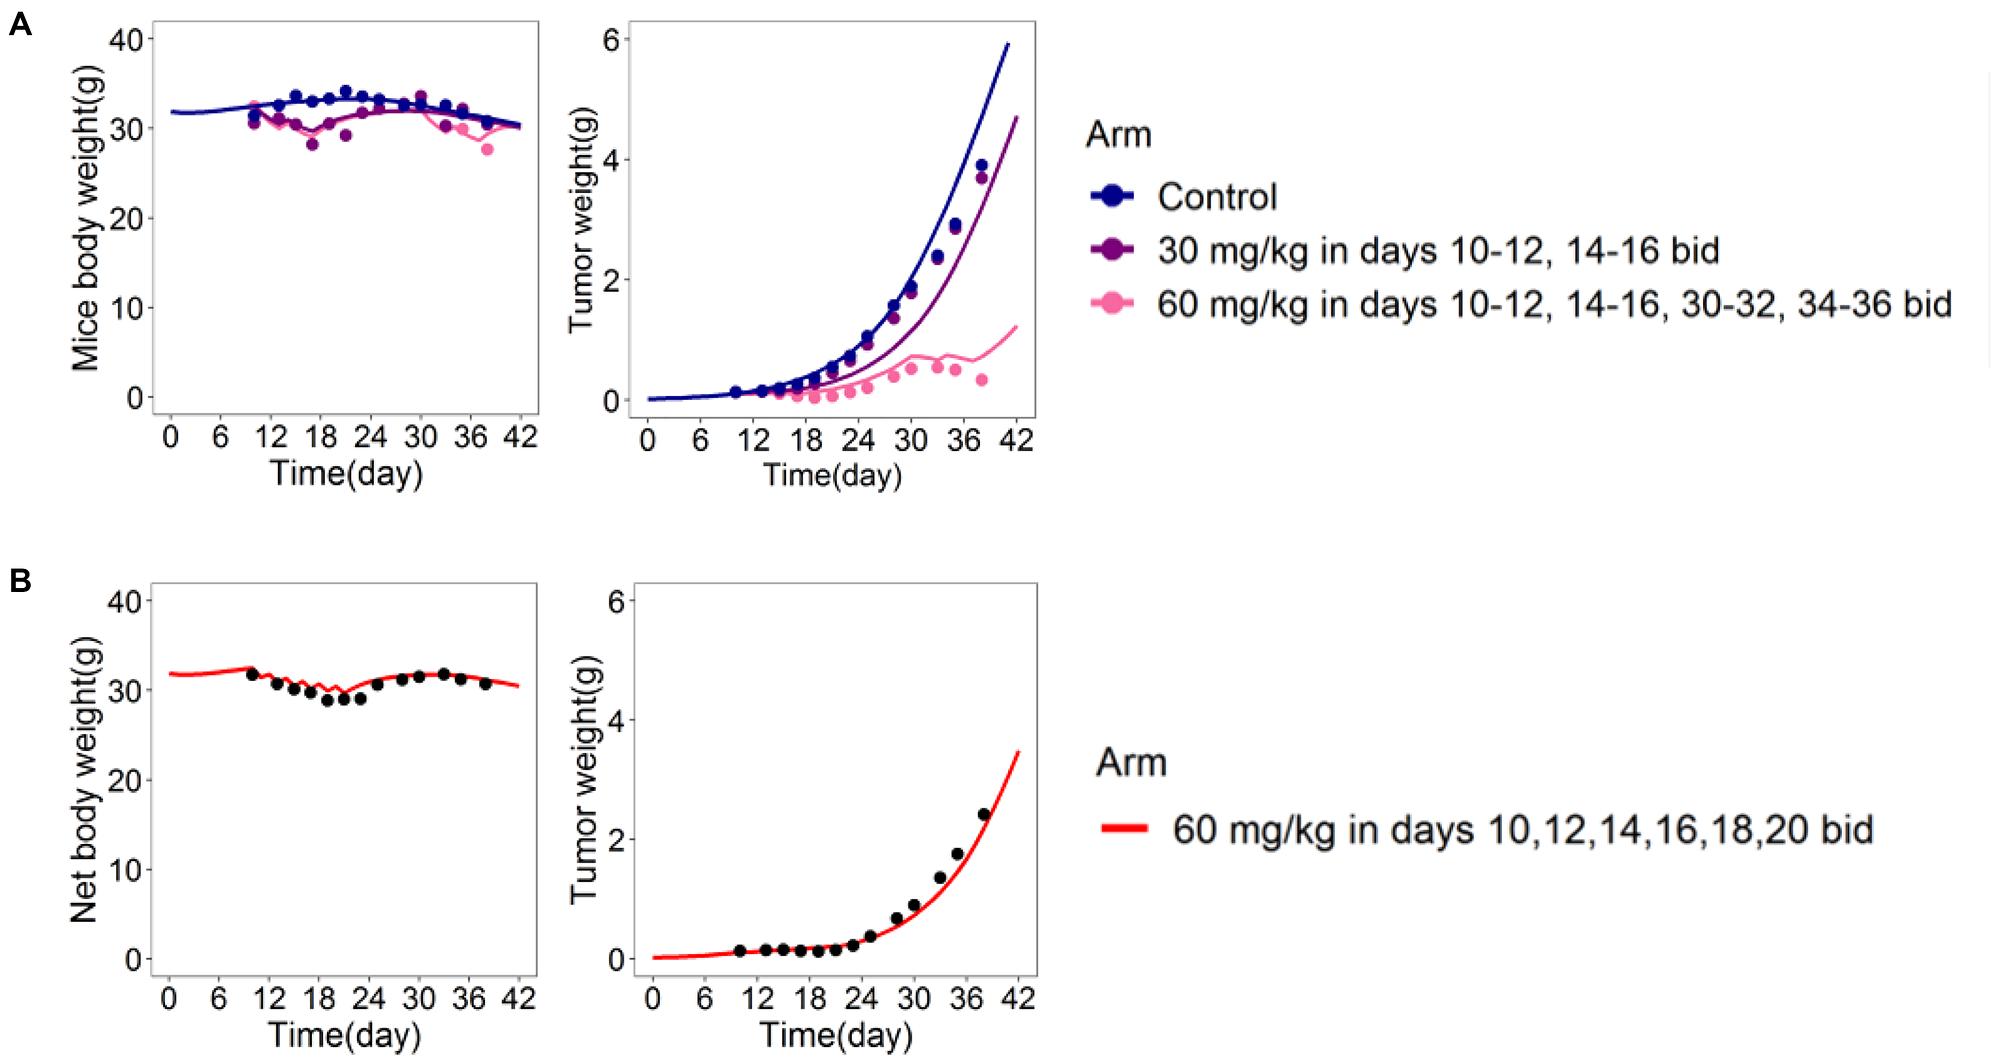 DEB-based tumor-in-host model predictive power assessed in xenograft mice [16].